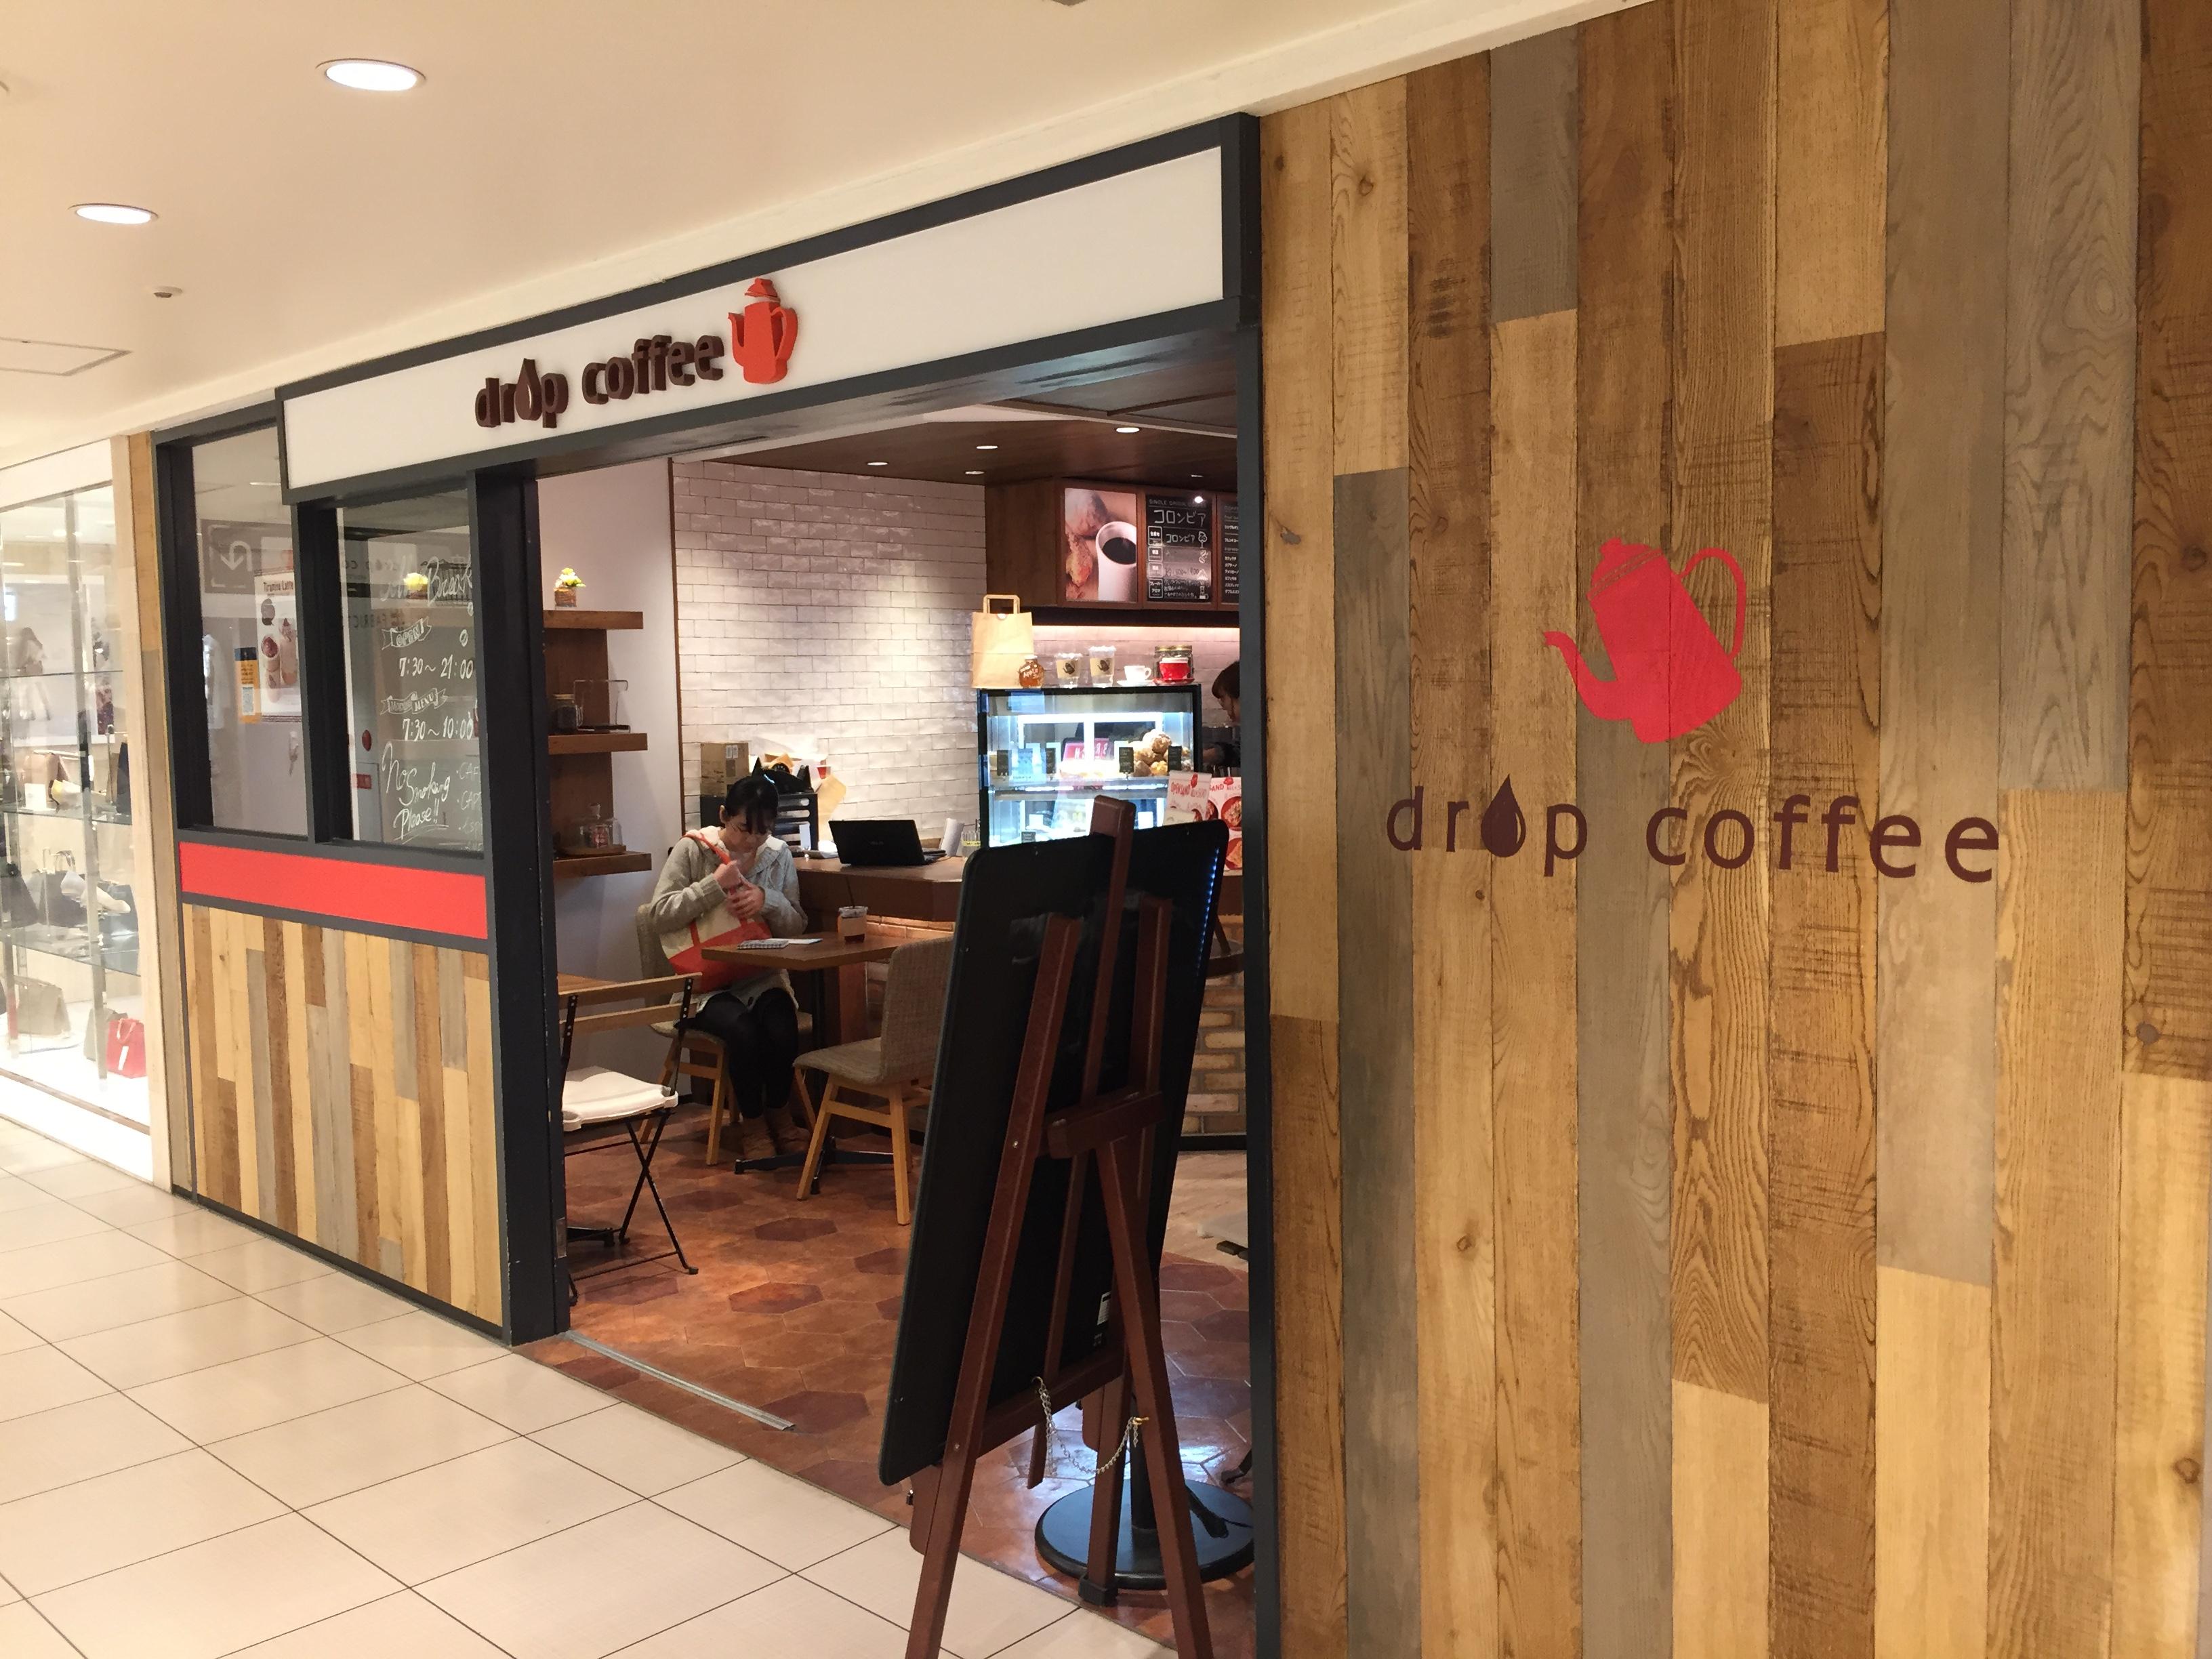 横浜相鉄ジョイナス 電源カフェ drop coffee(ドロップコーヒー)